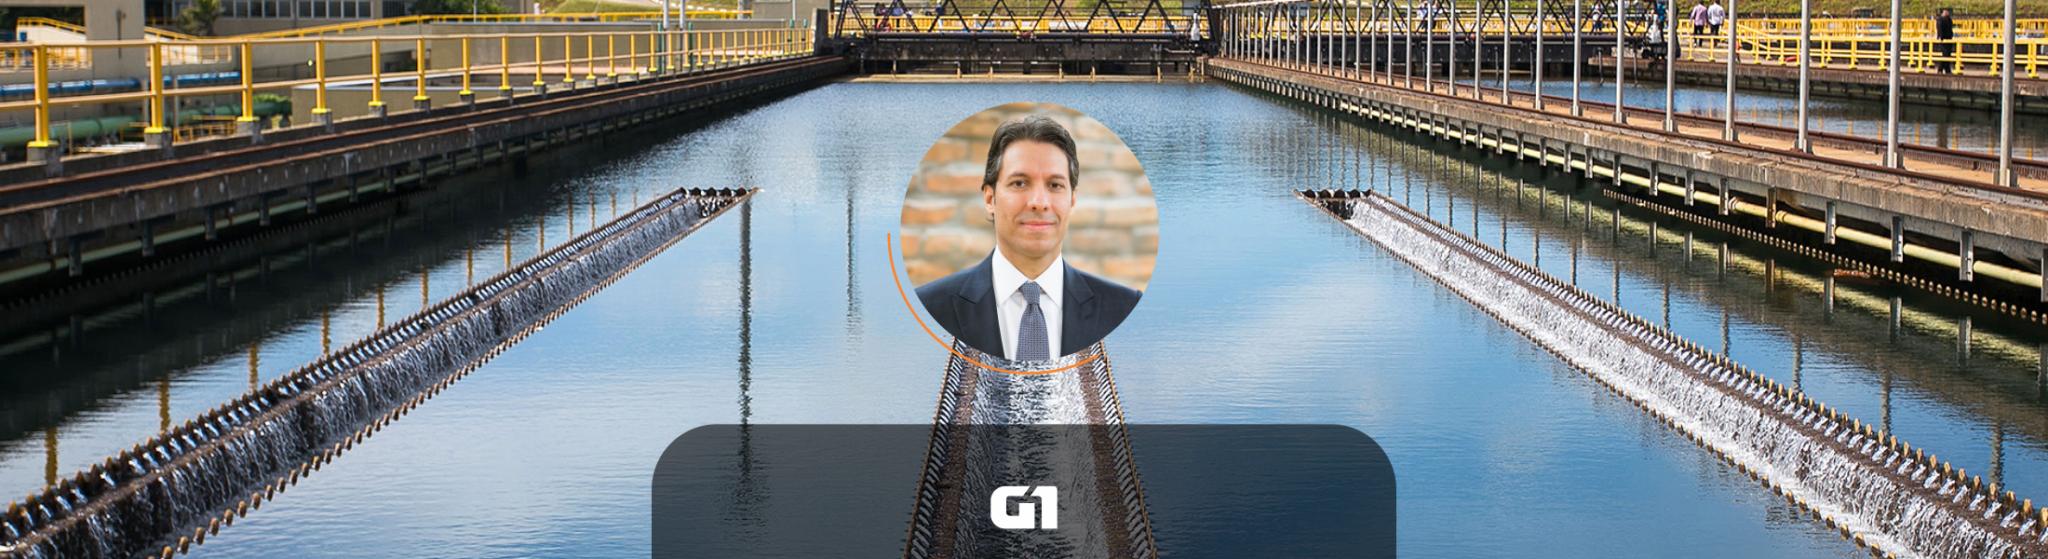 No G1, Fernando Vernalha comenta sobre os desafios para elevar os investimentos no setor de saneamento